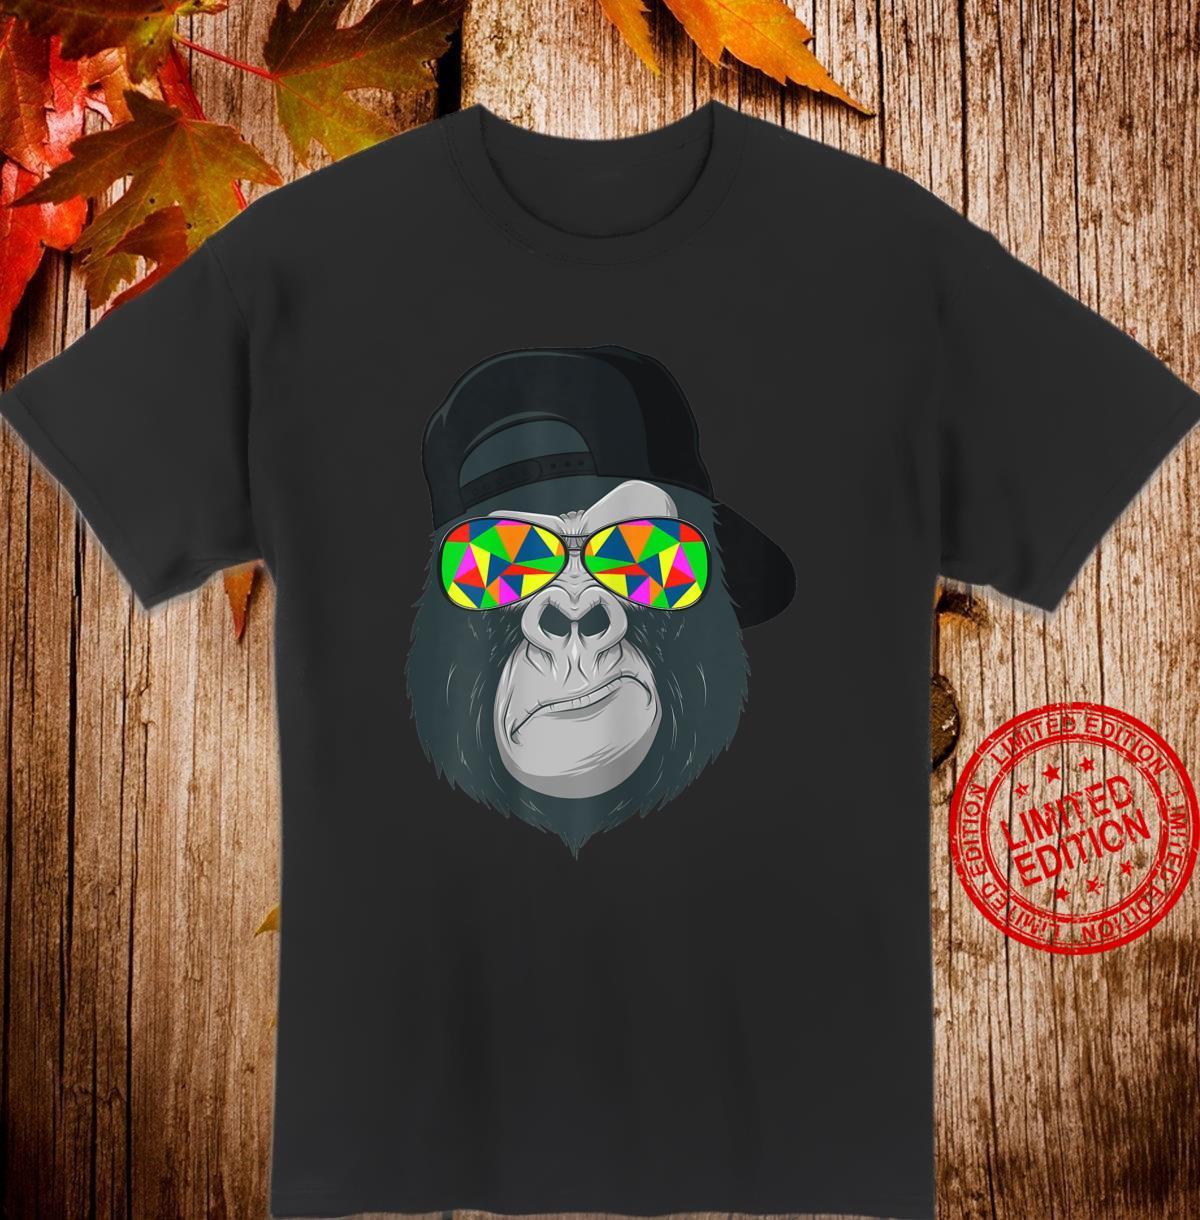 Damen Gorilla Affen Kopf Gesicht mit bunter Sonnenbrille und Cap Shirt